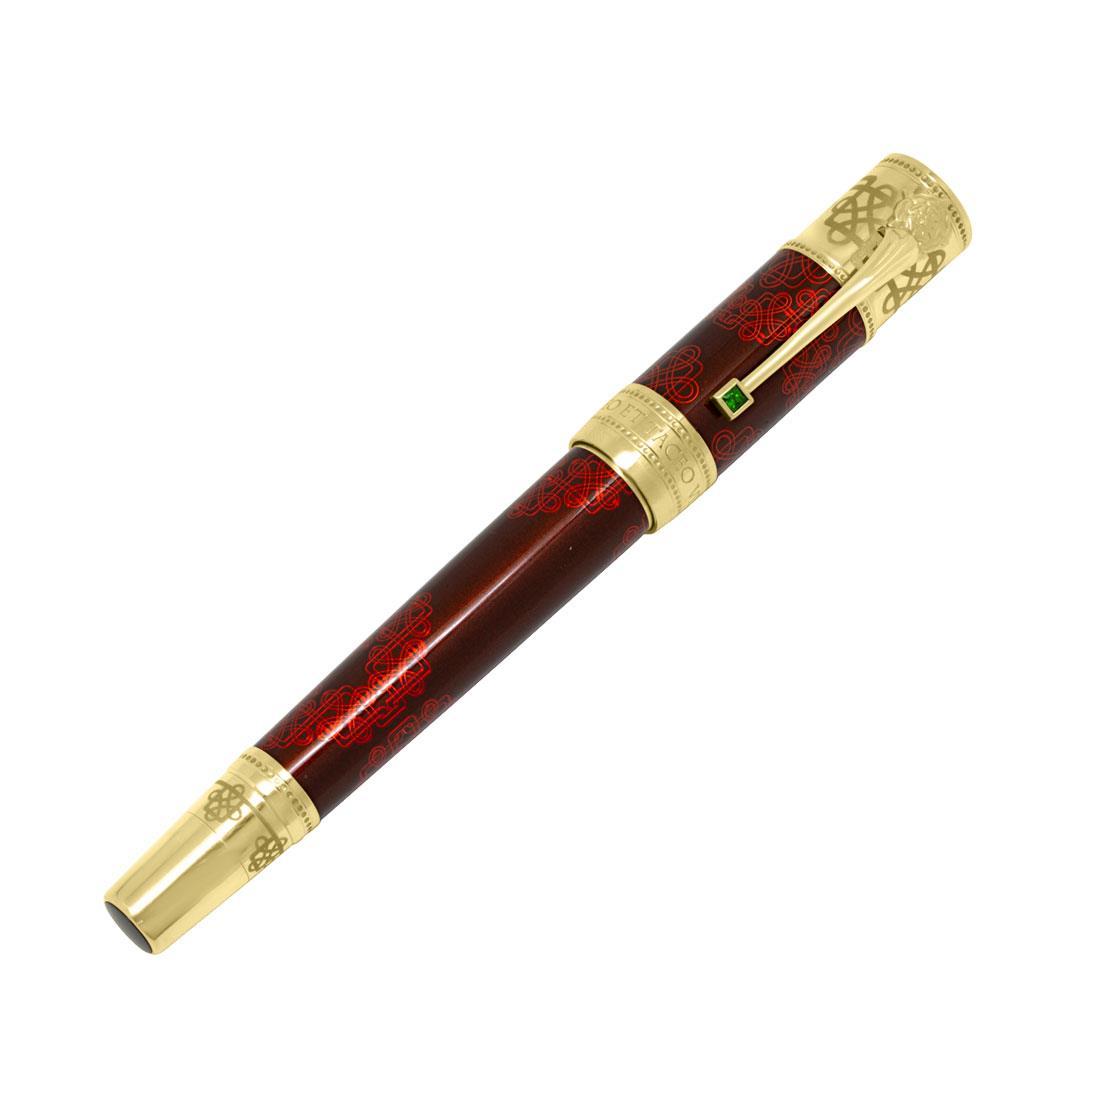 Penna in oro giallo - MONTBLANC